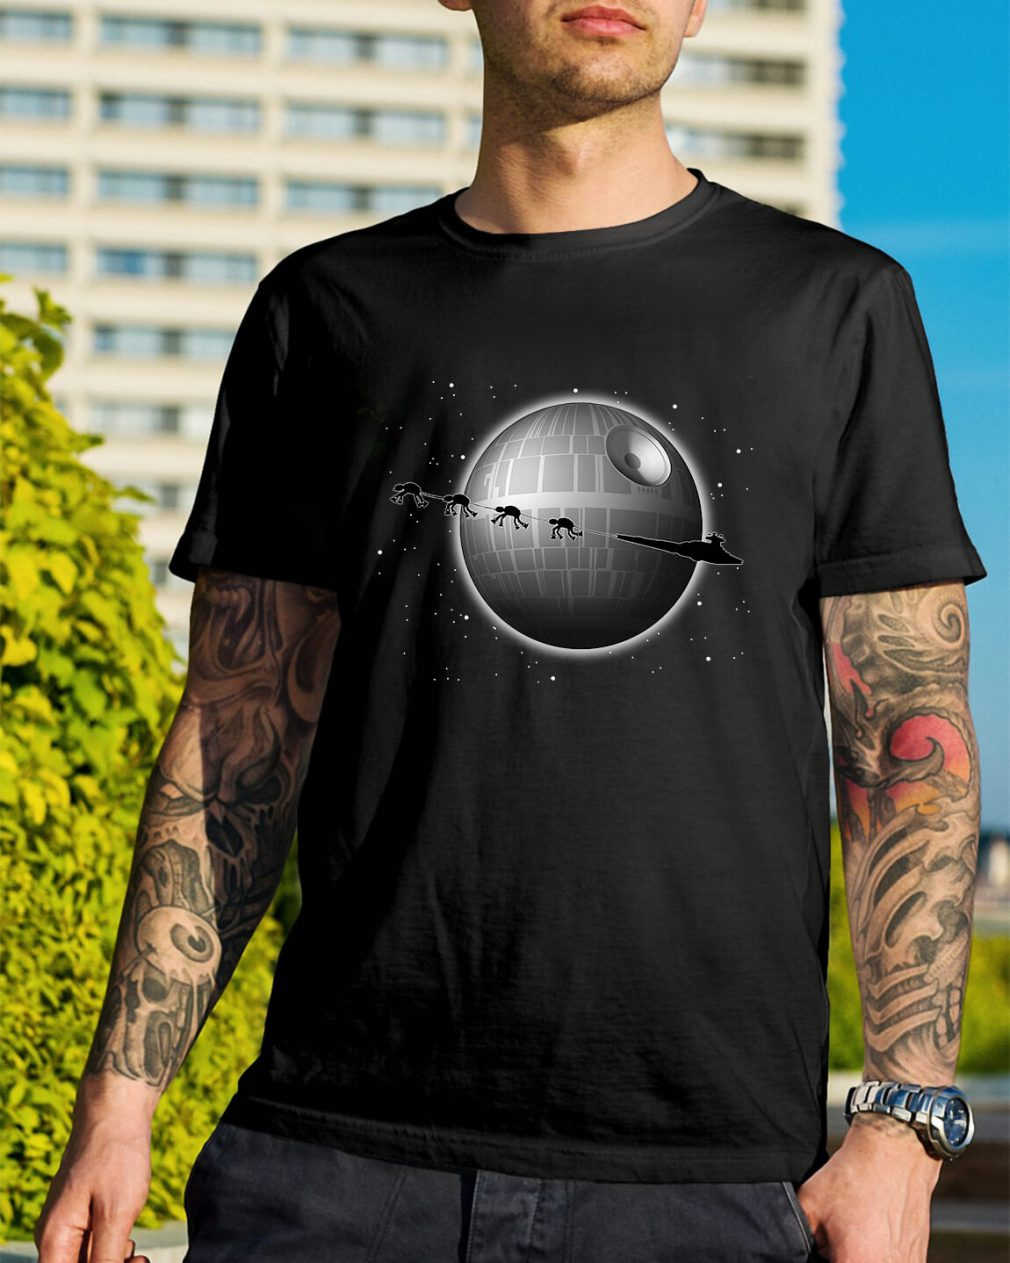 Star Wars Battlefront Star Destroyer and Death Star shirt